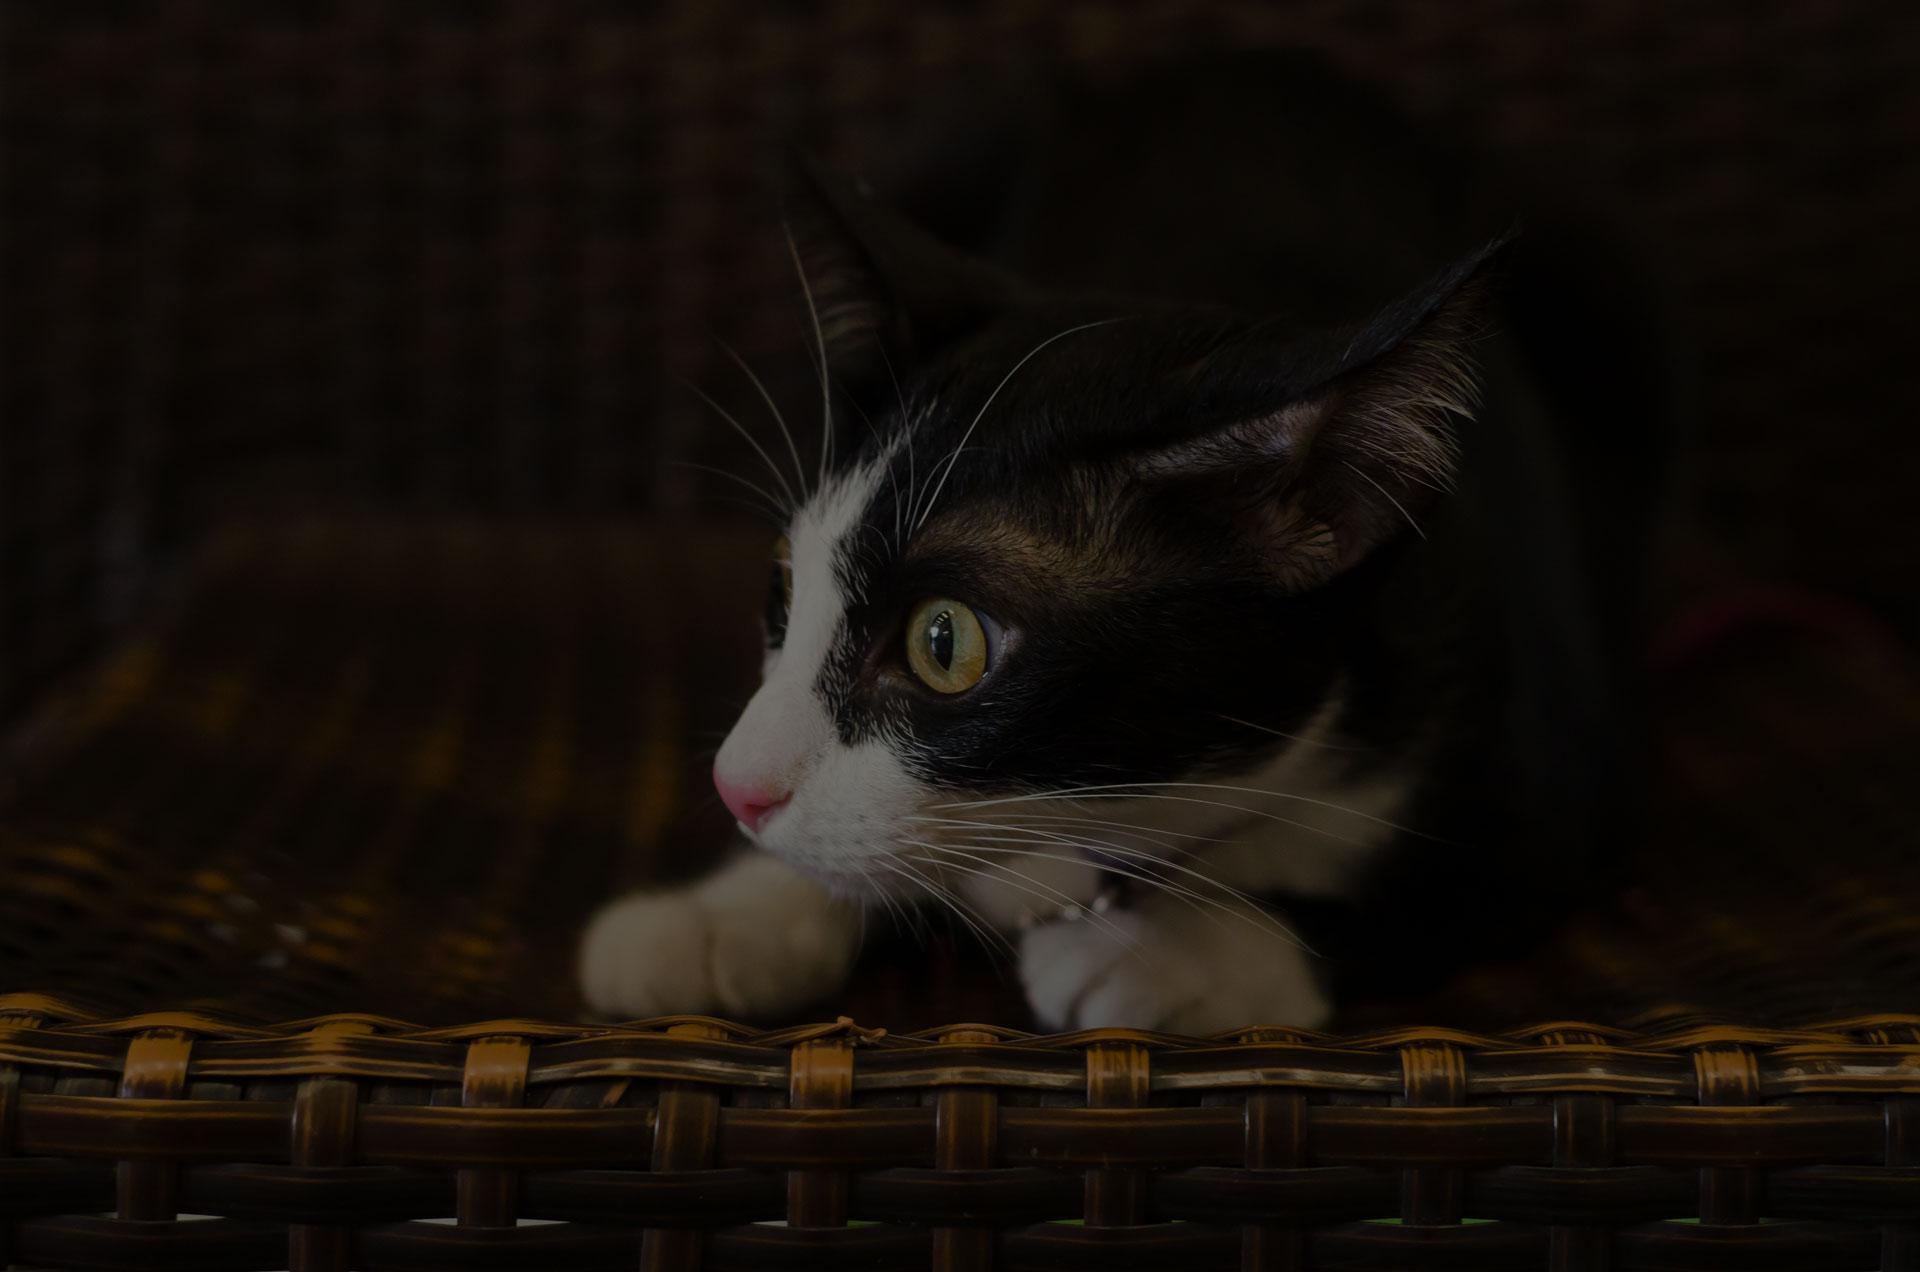 Feared cat